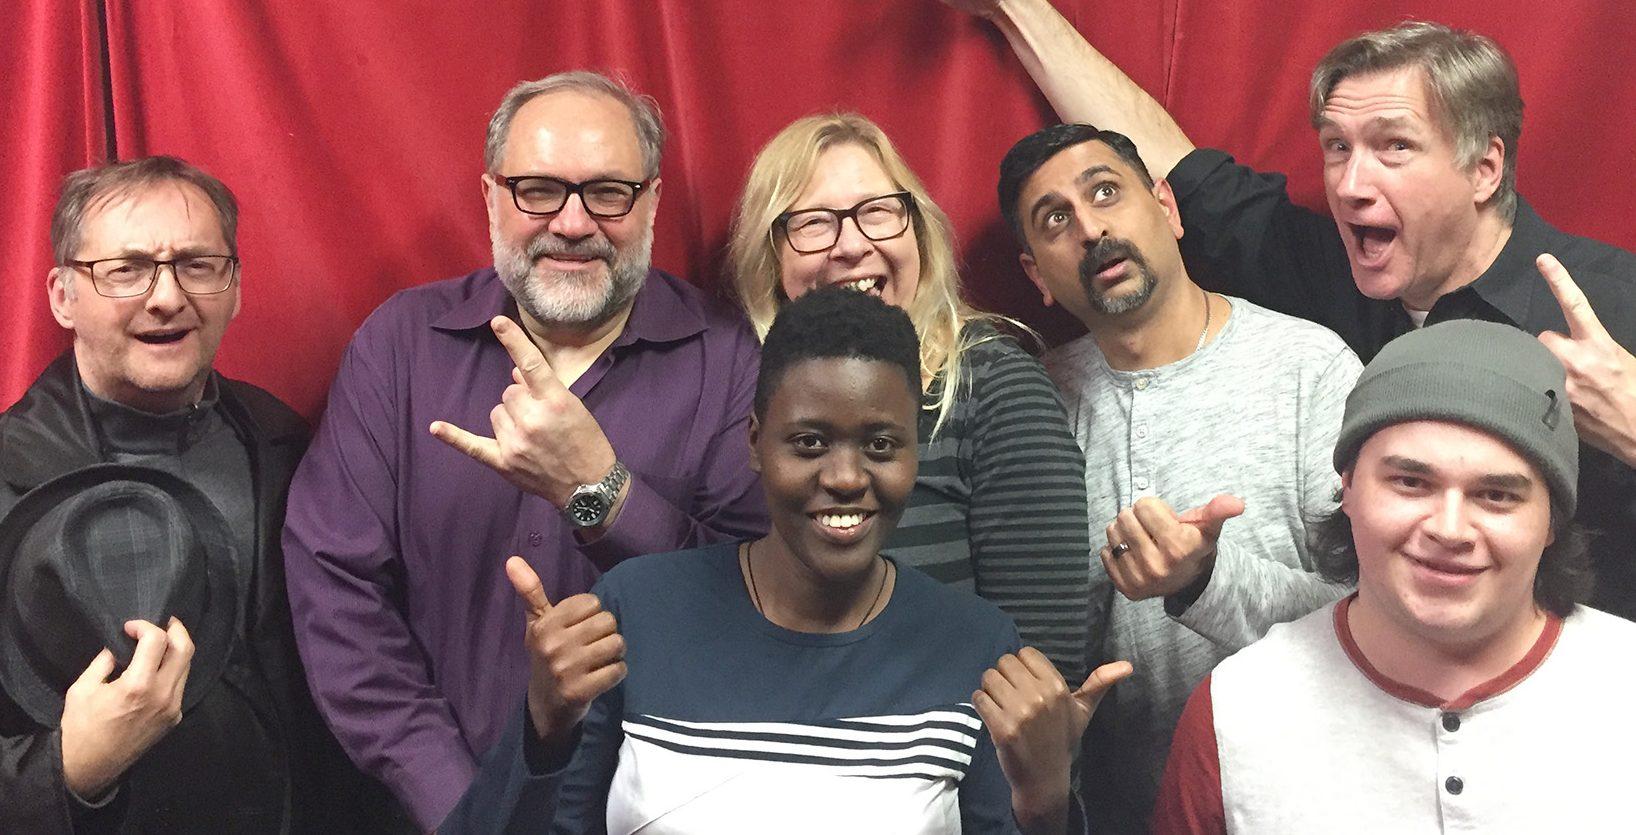 Back row: Michael, Blair, Linda, Neel, and Phil. Front row: Ritah and Micah